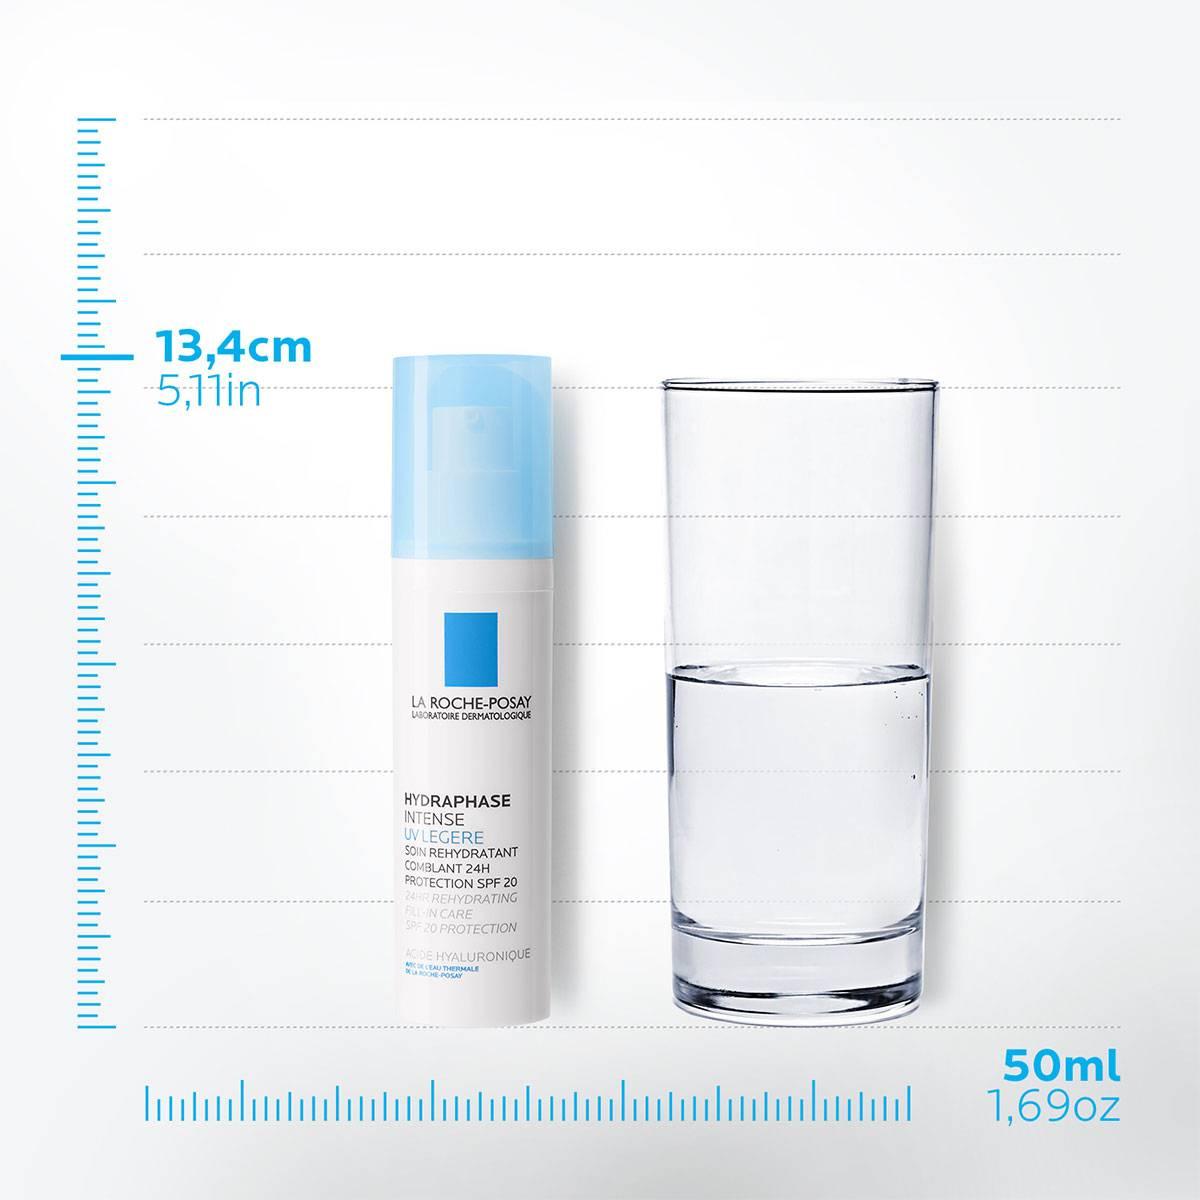 La Roche Posay ProduktSide Hydraphase UV Intens Let Spf20 50ml 3337